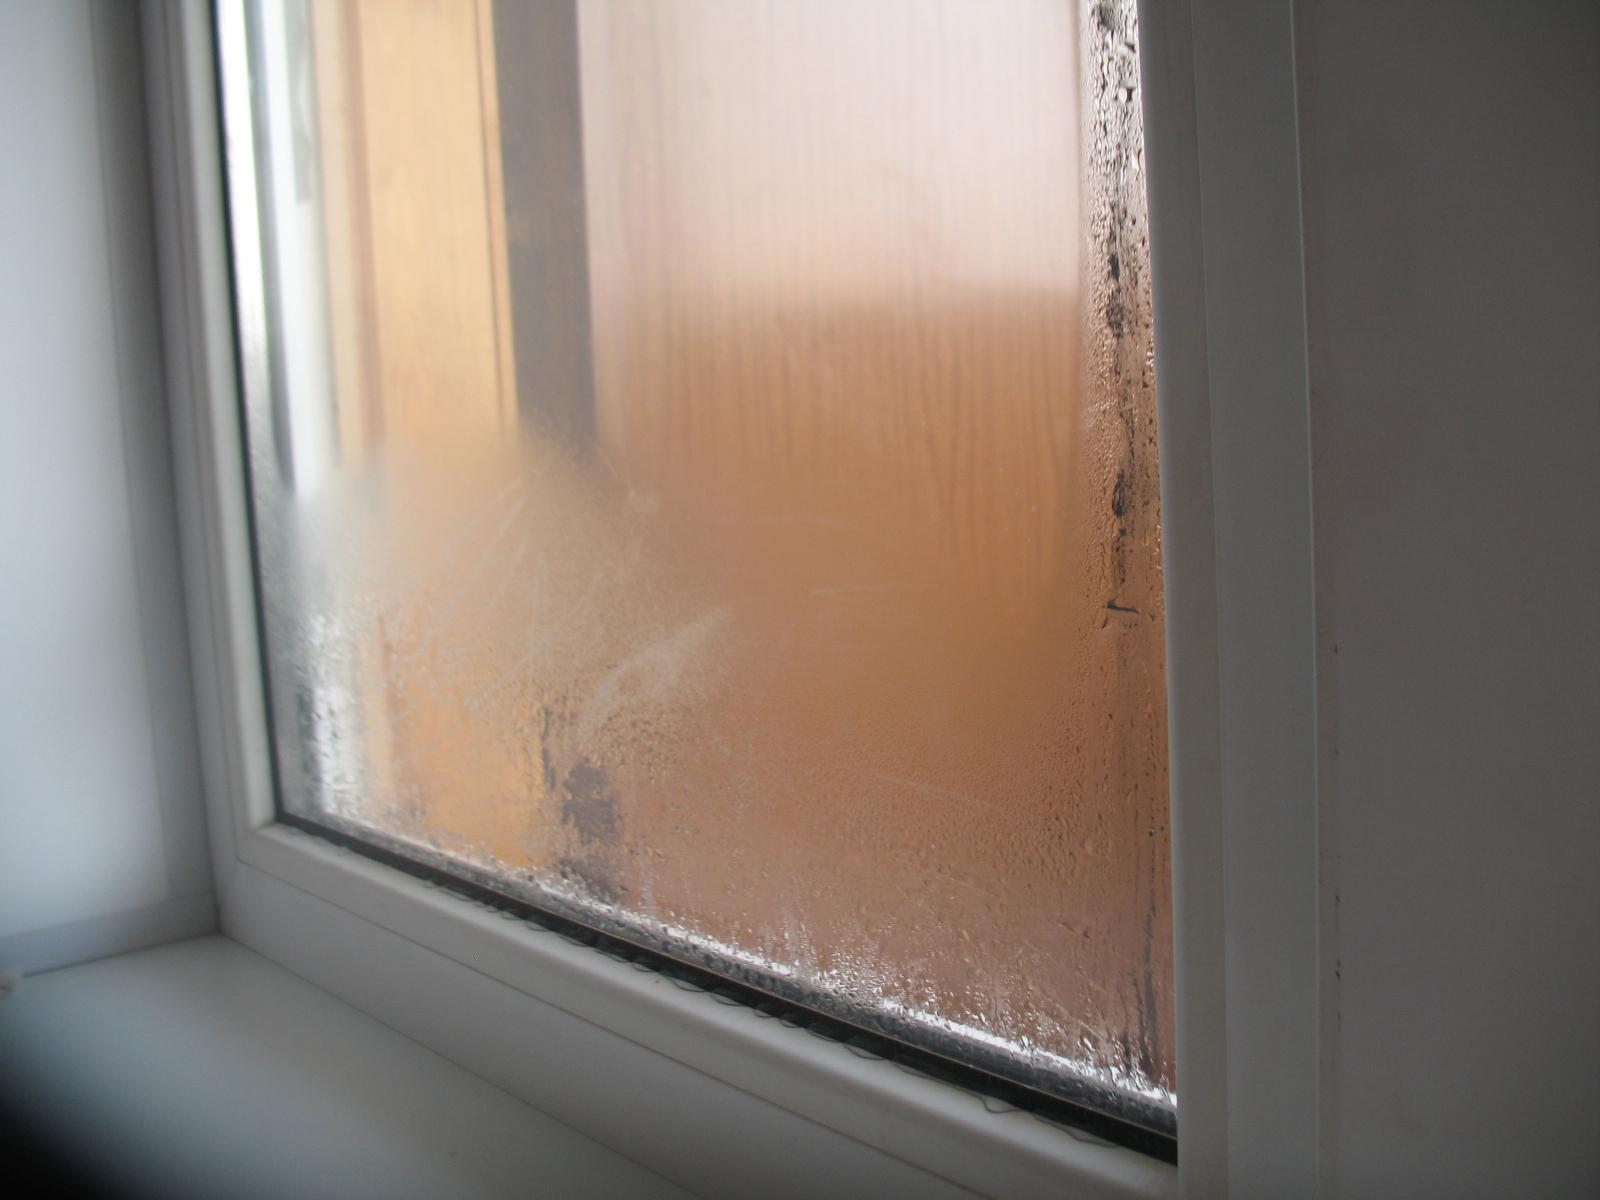 Почему потеют пластиковые окна и как это устранить